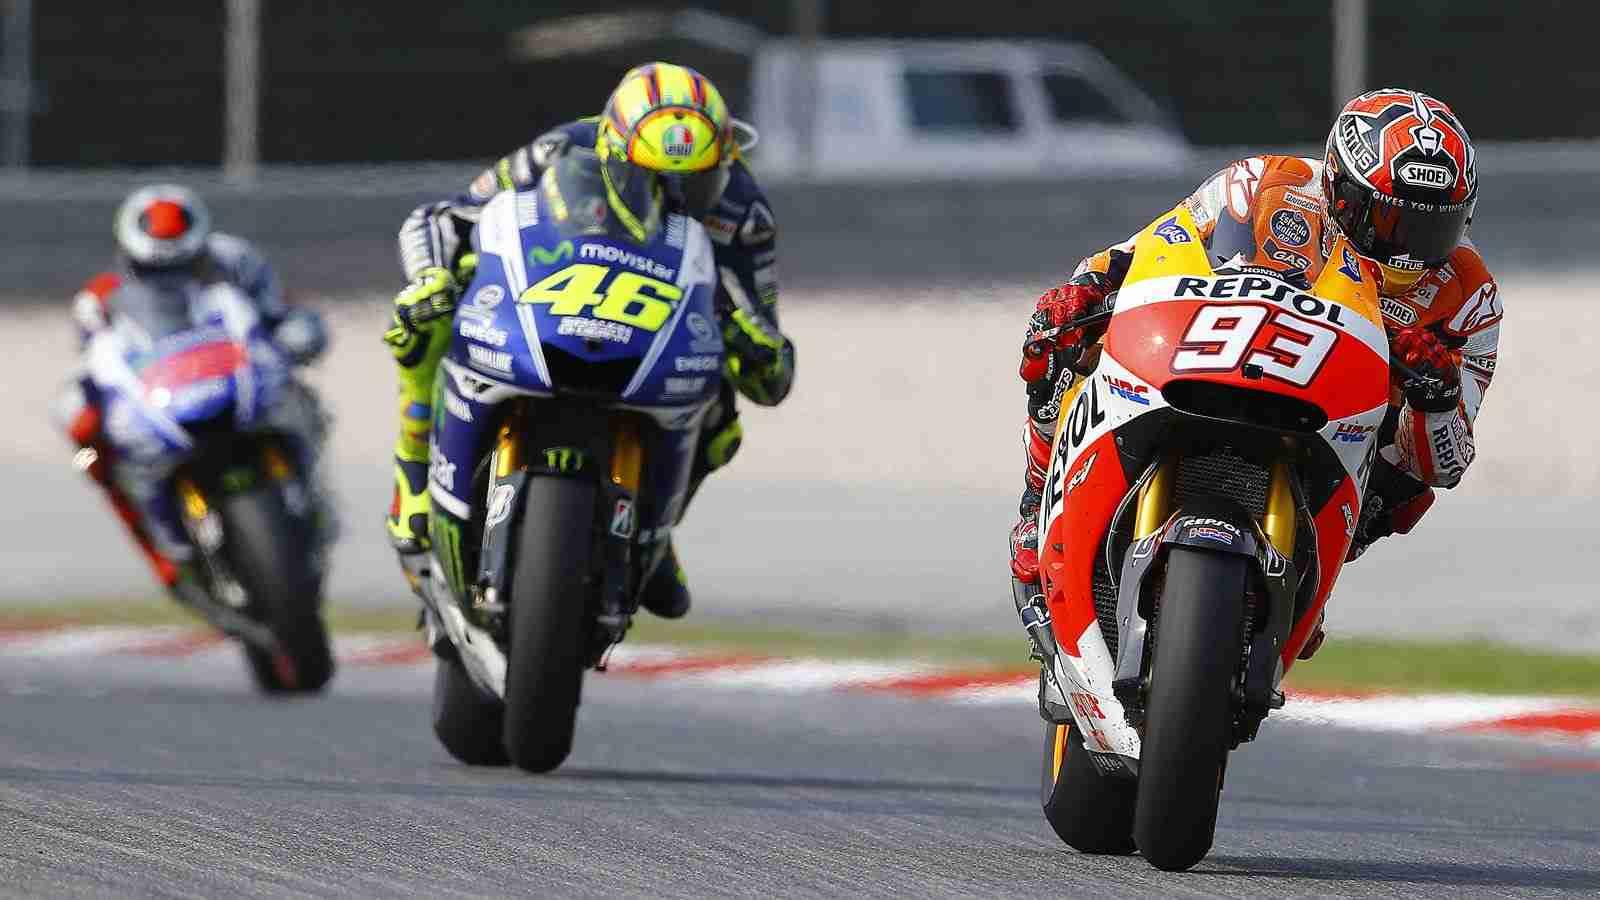 Marc Marquez wins at MotoGP Sepang